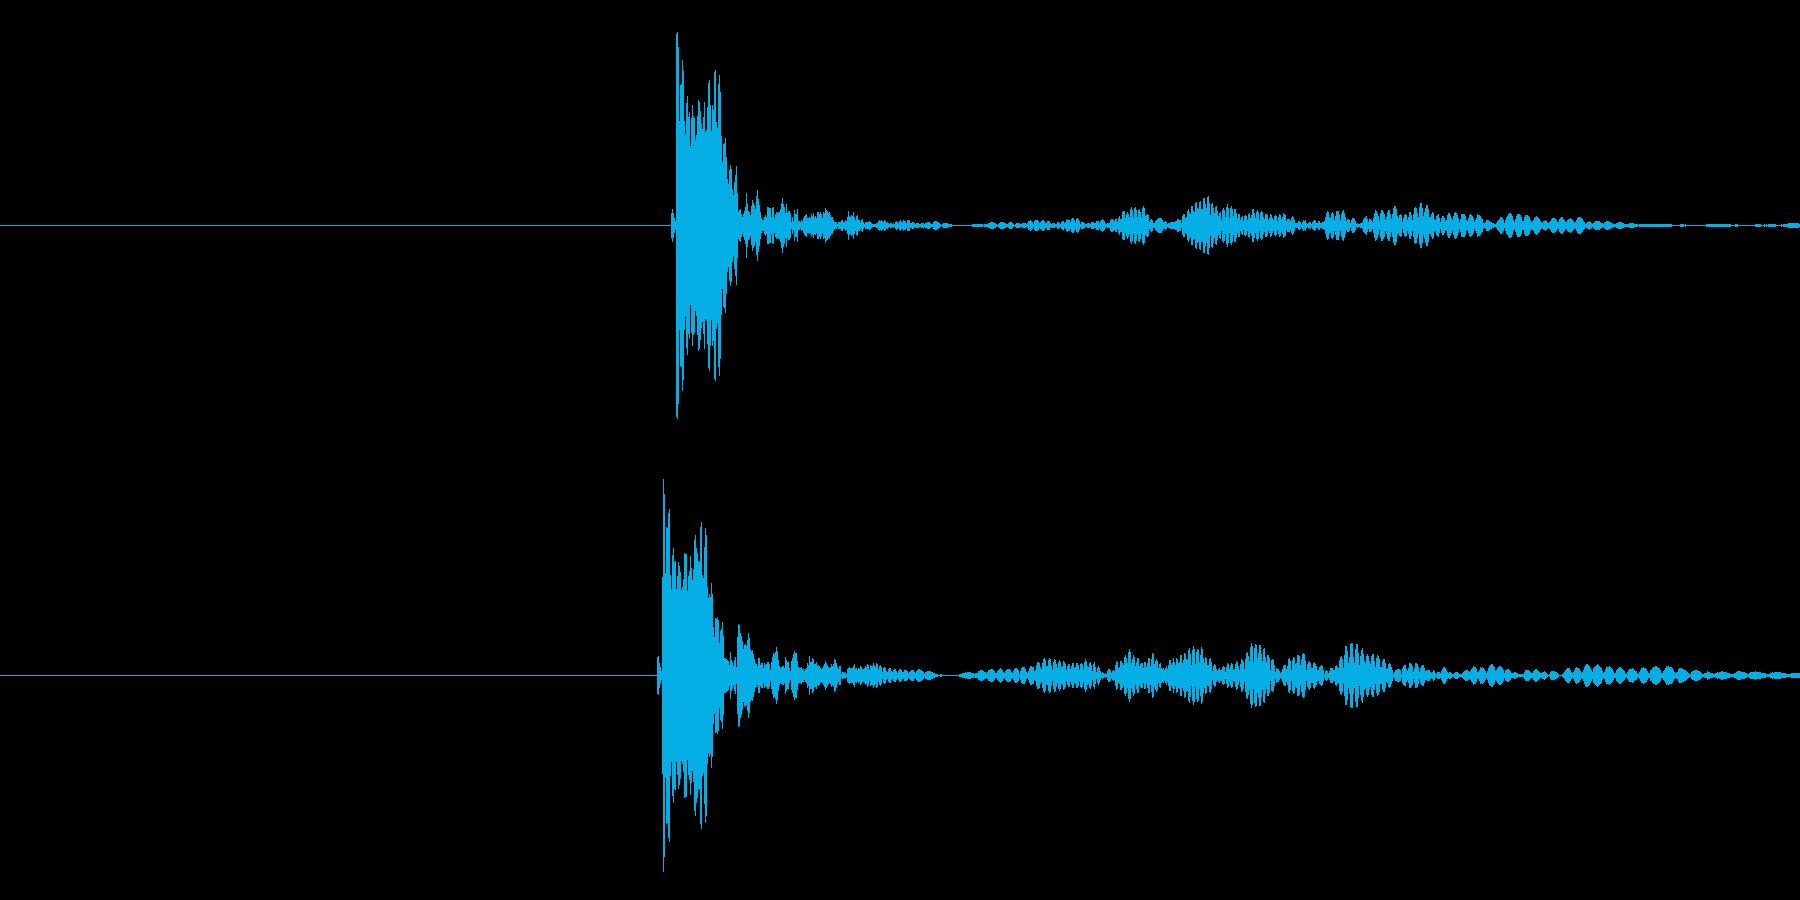 チュボー(弾が当たって火傷した音)の再生済みの波形